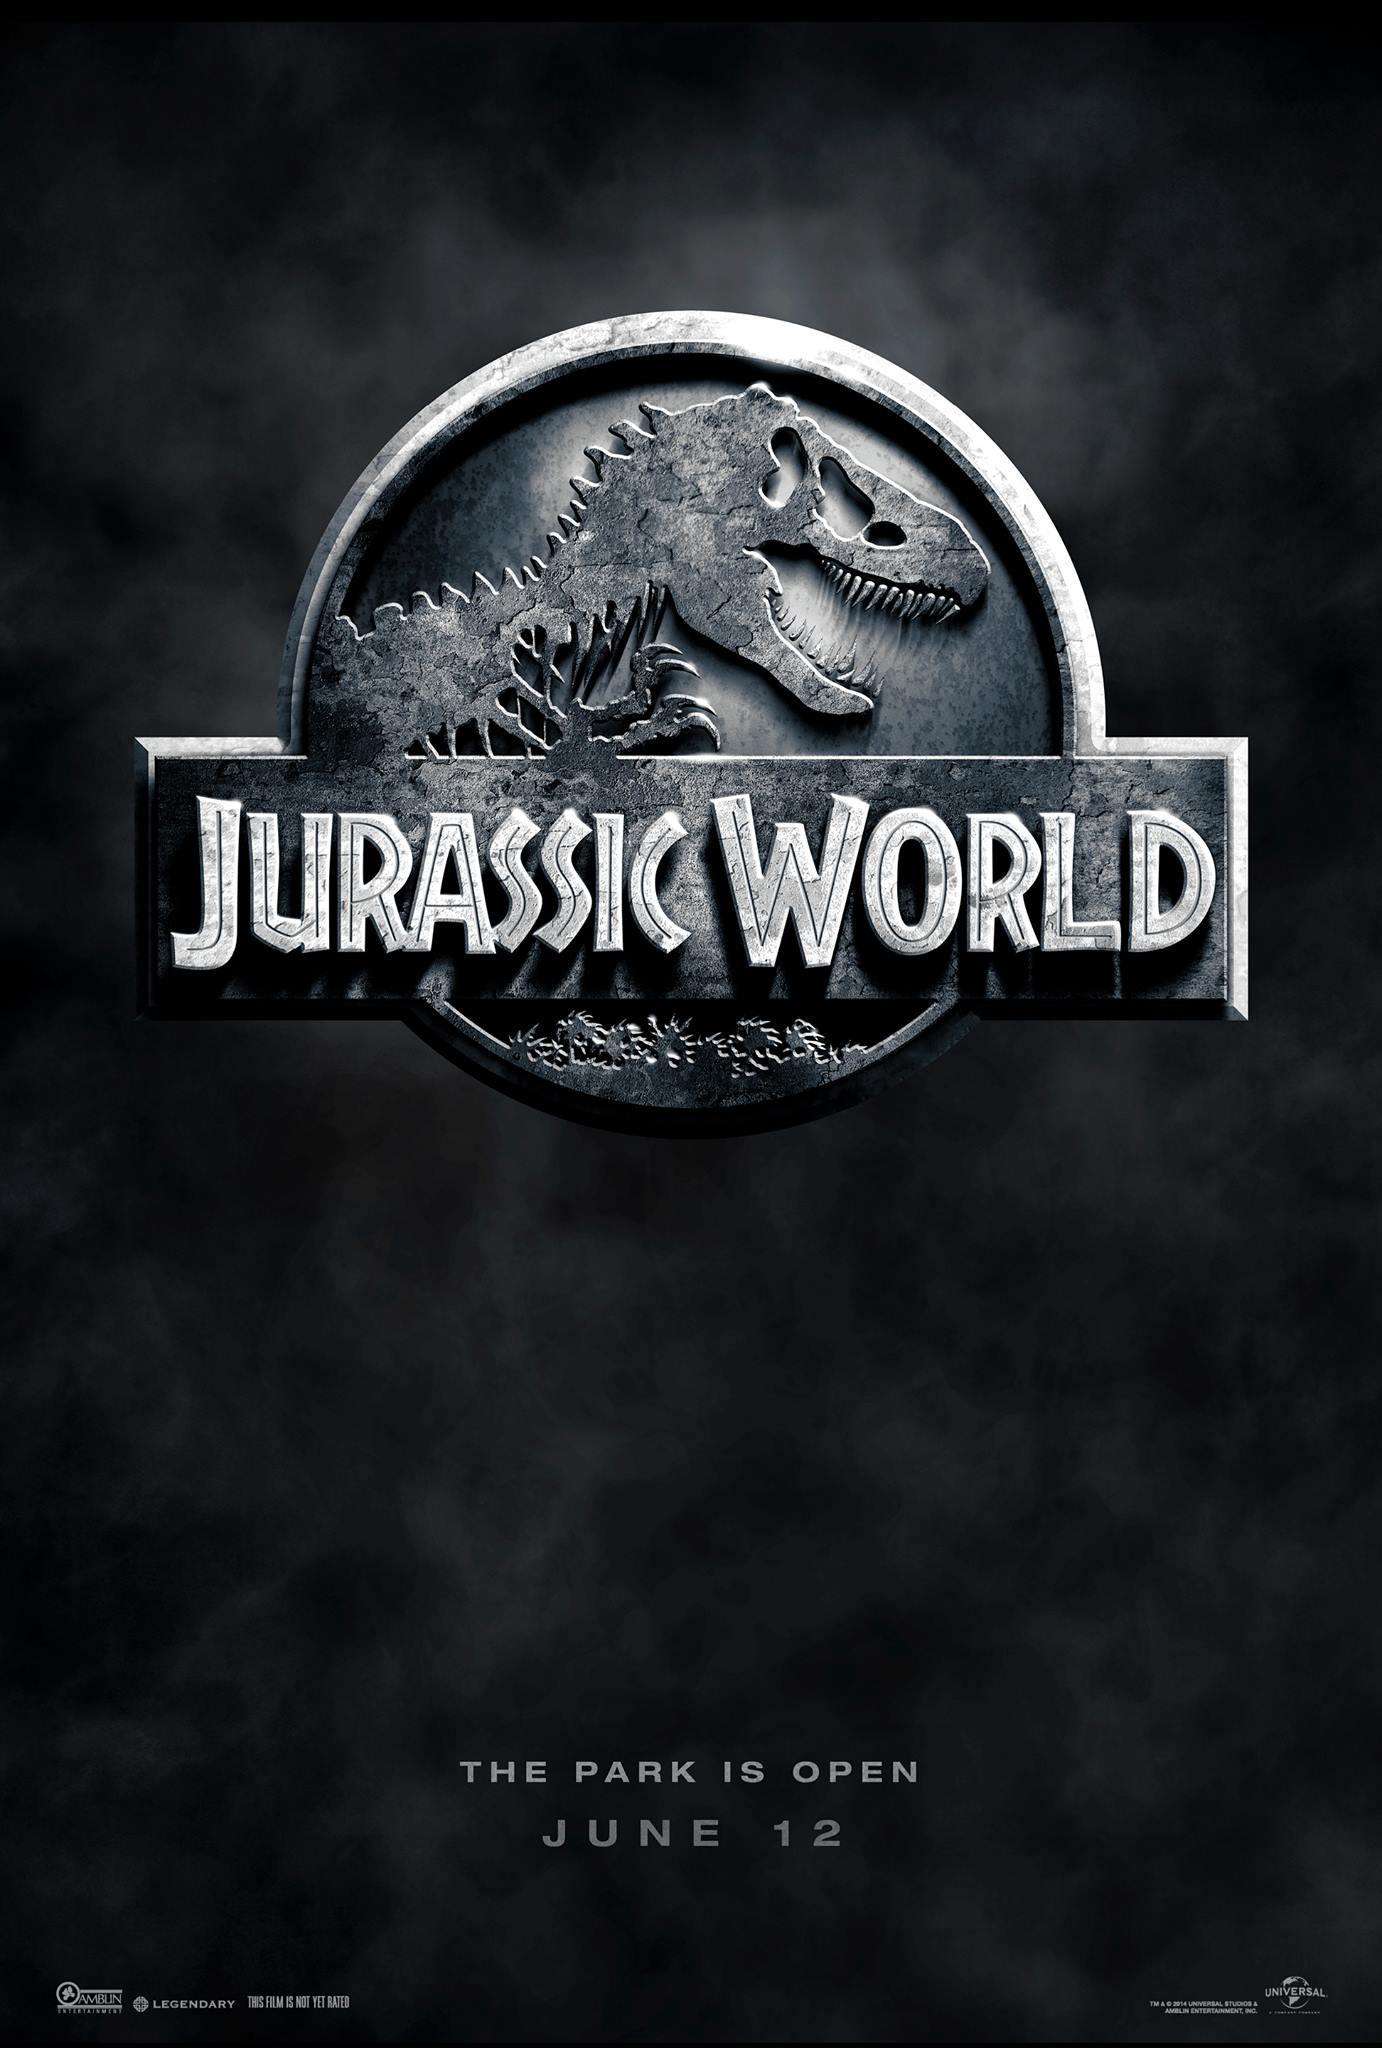 Meet Jurassic World's genetically engineered dinosaur (Massive spoilers)